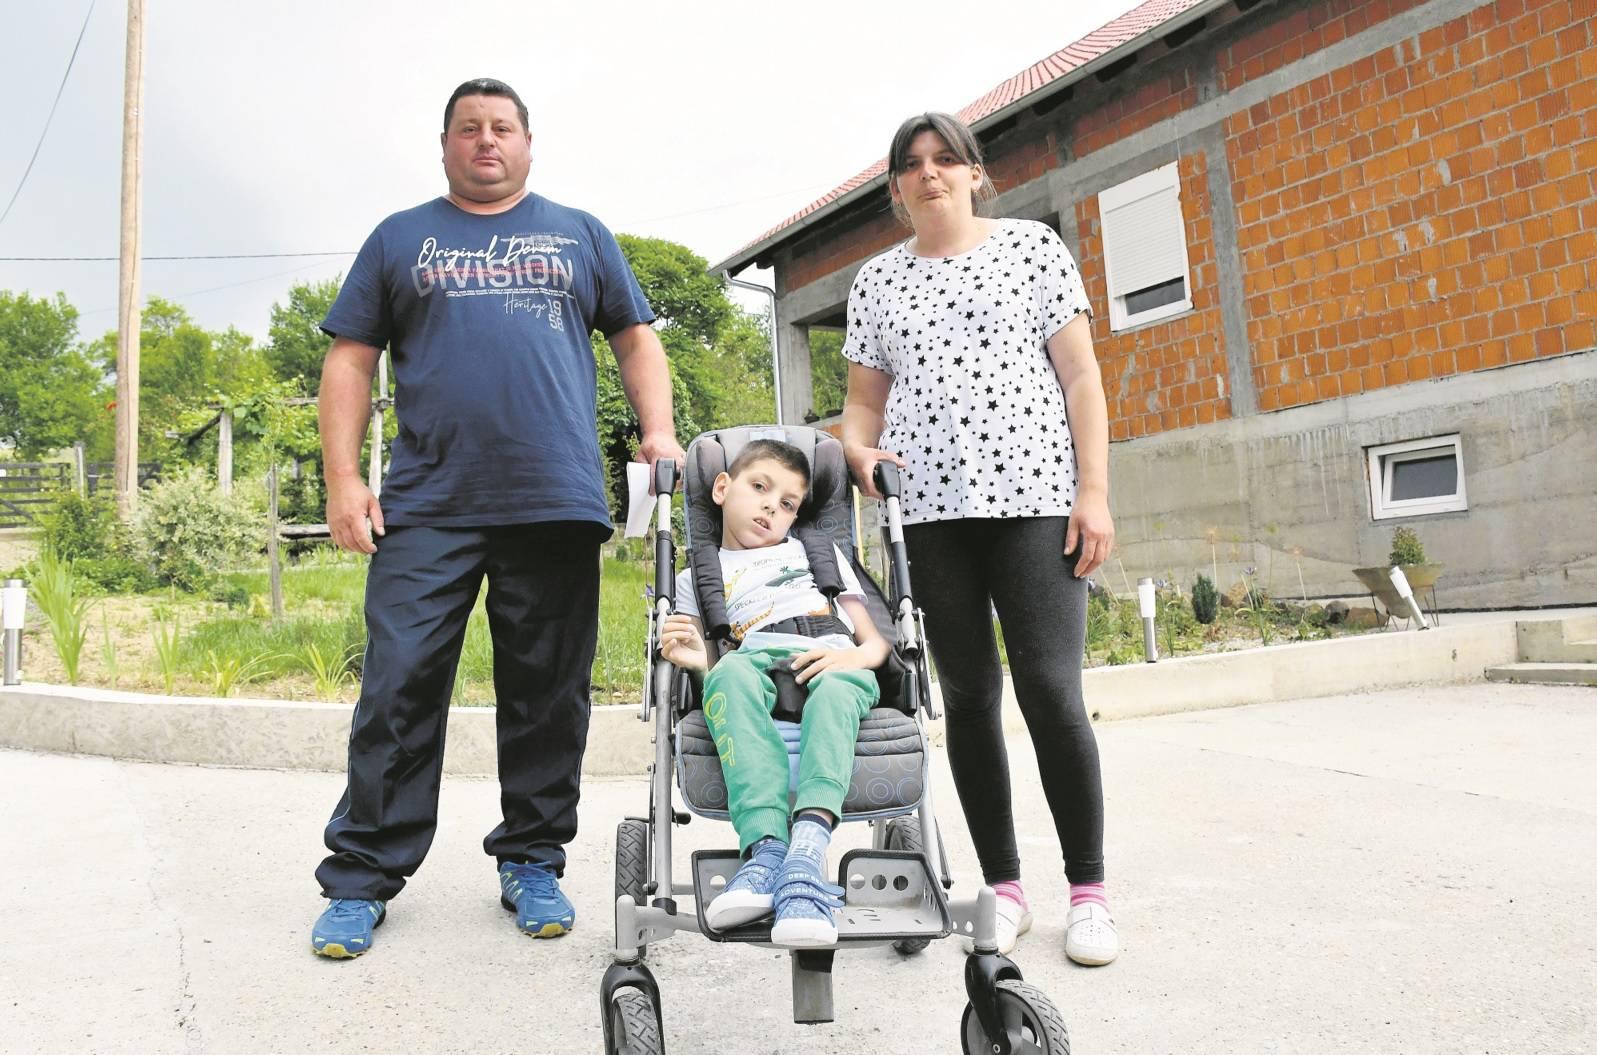 Očajni roditelji iz Požege: 'Dijete nam se guši u bolovima, a u bolnici ga ne žele primiti'